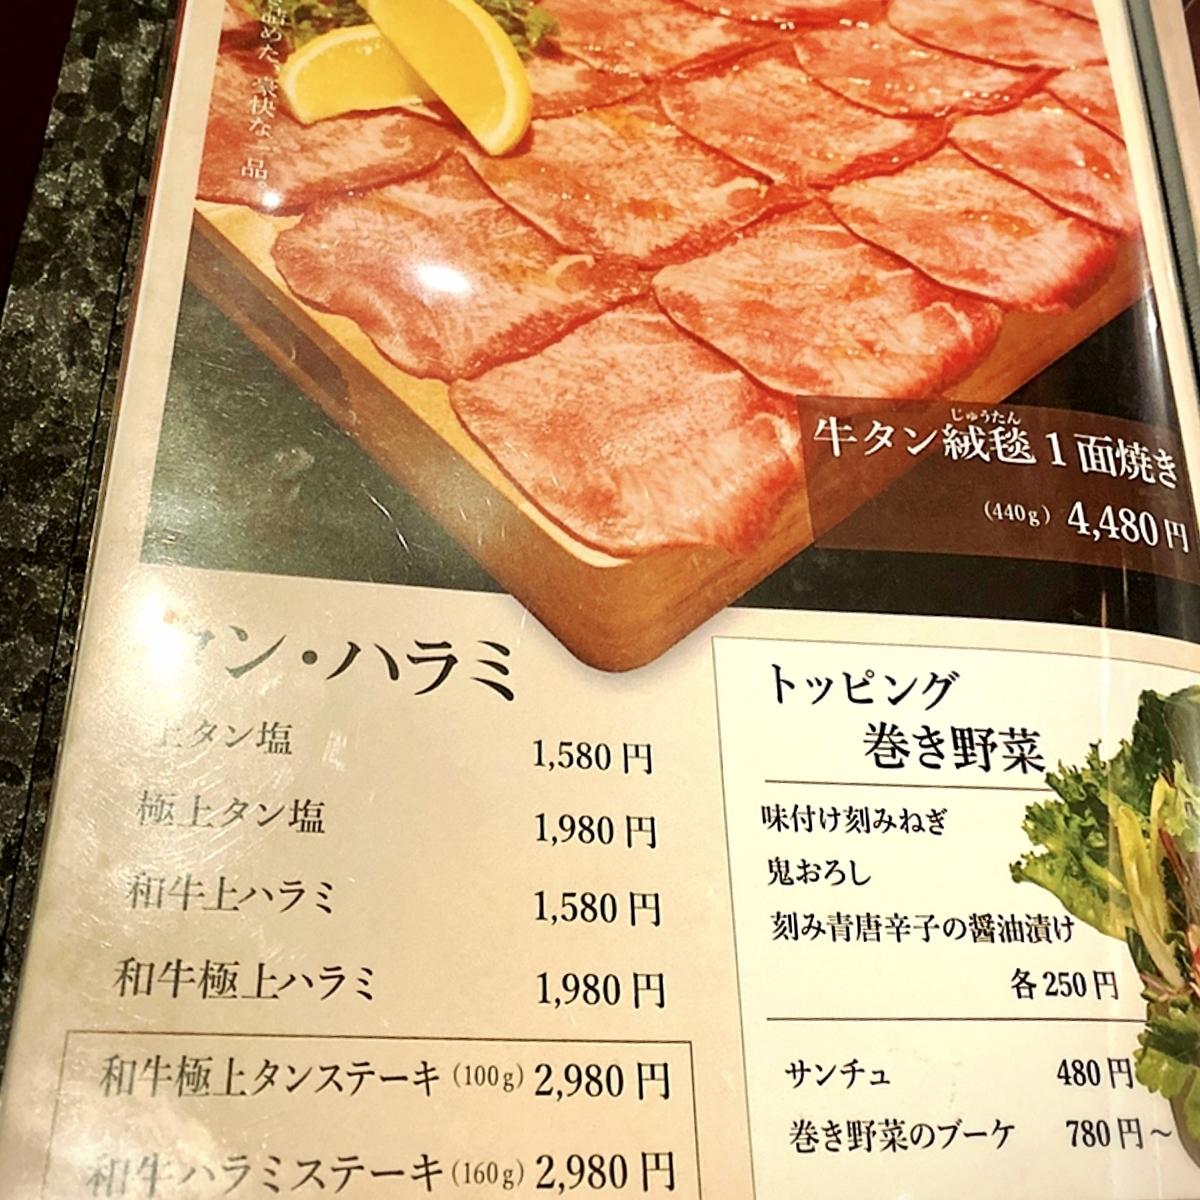 「牛の蔵 大門店」のメニューと値段1